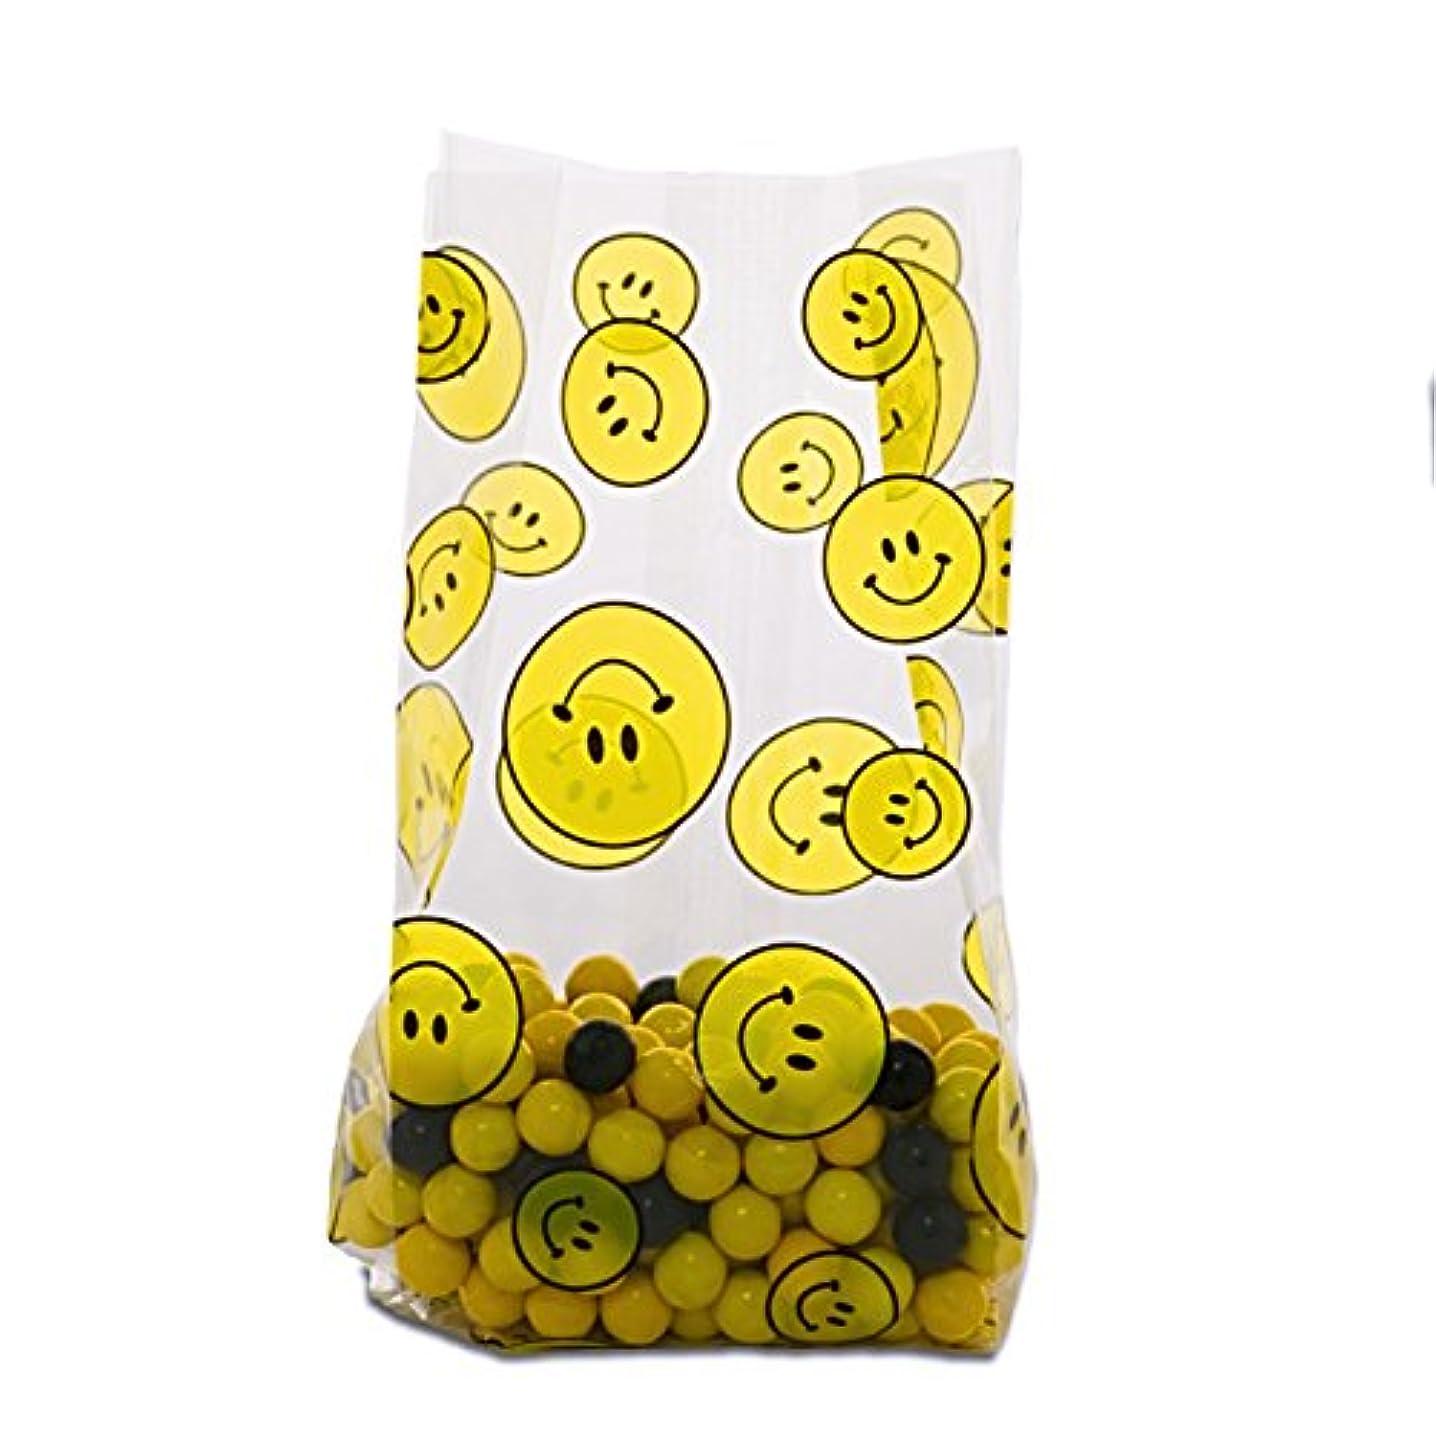 Smiley Happy Face Cello Bags 4